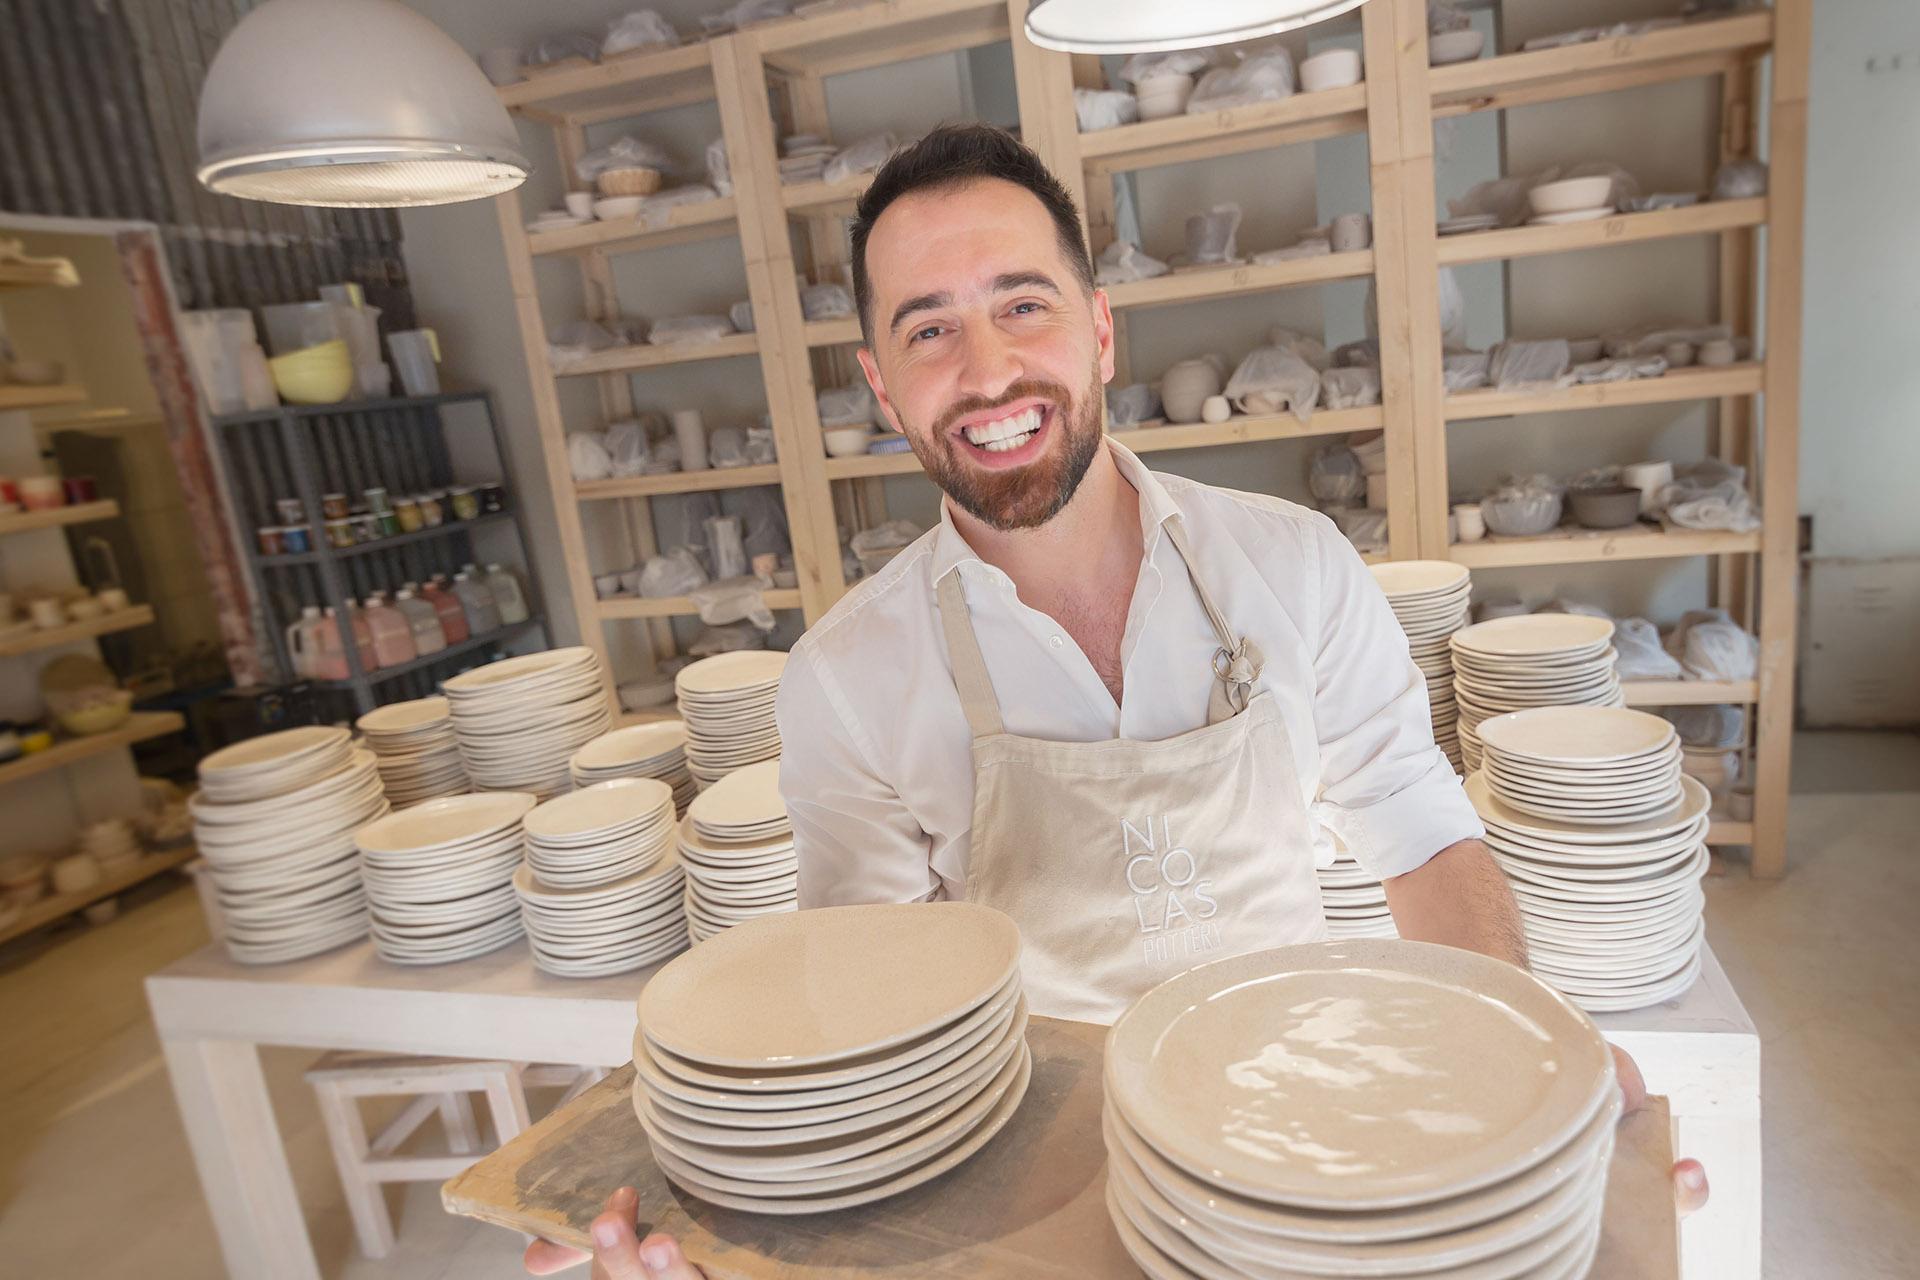 Nicolás Pottery hizo con sus propias manos toda la vajilla que se utilizó en la gran fiesta y estaba, compuesta por más de 2 mil piezas